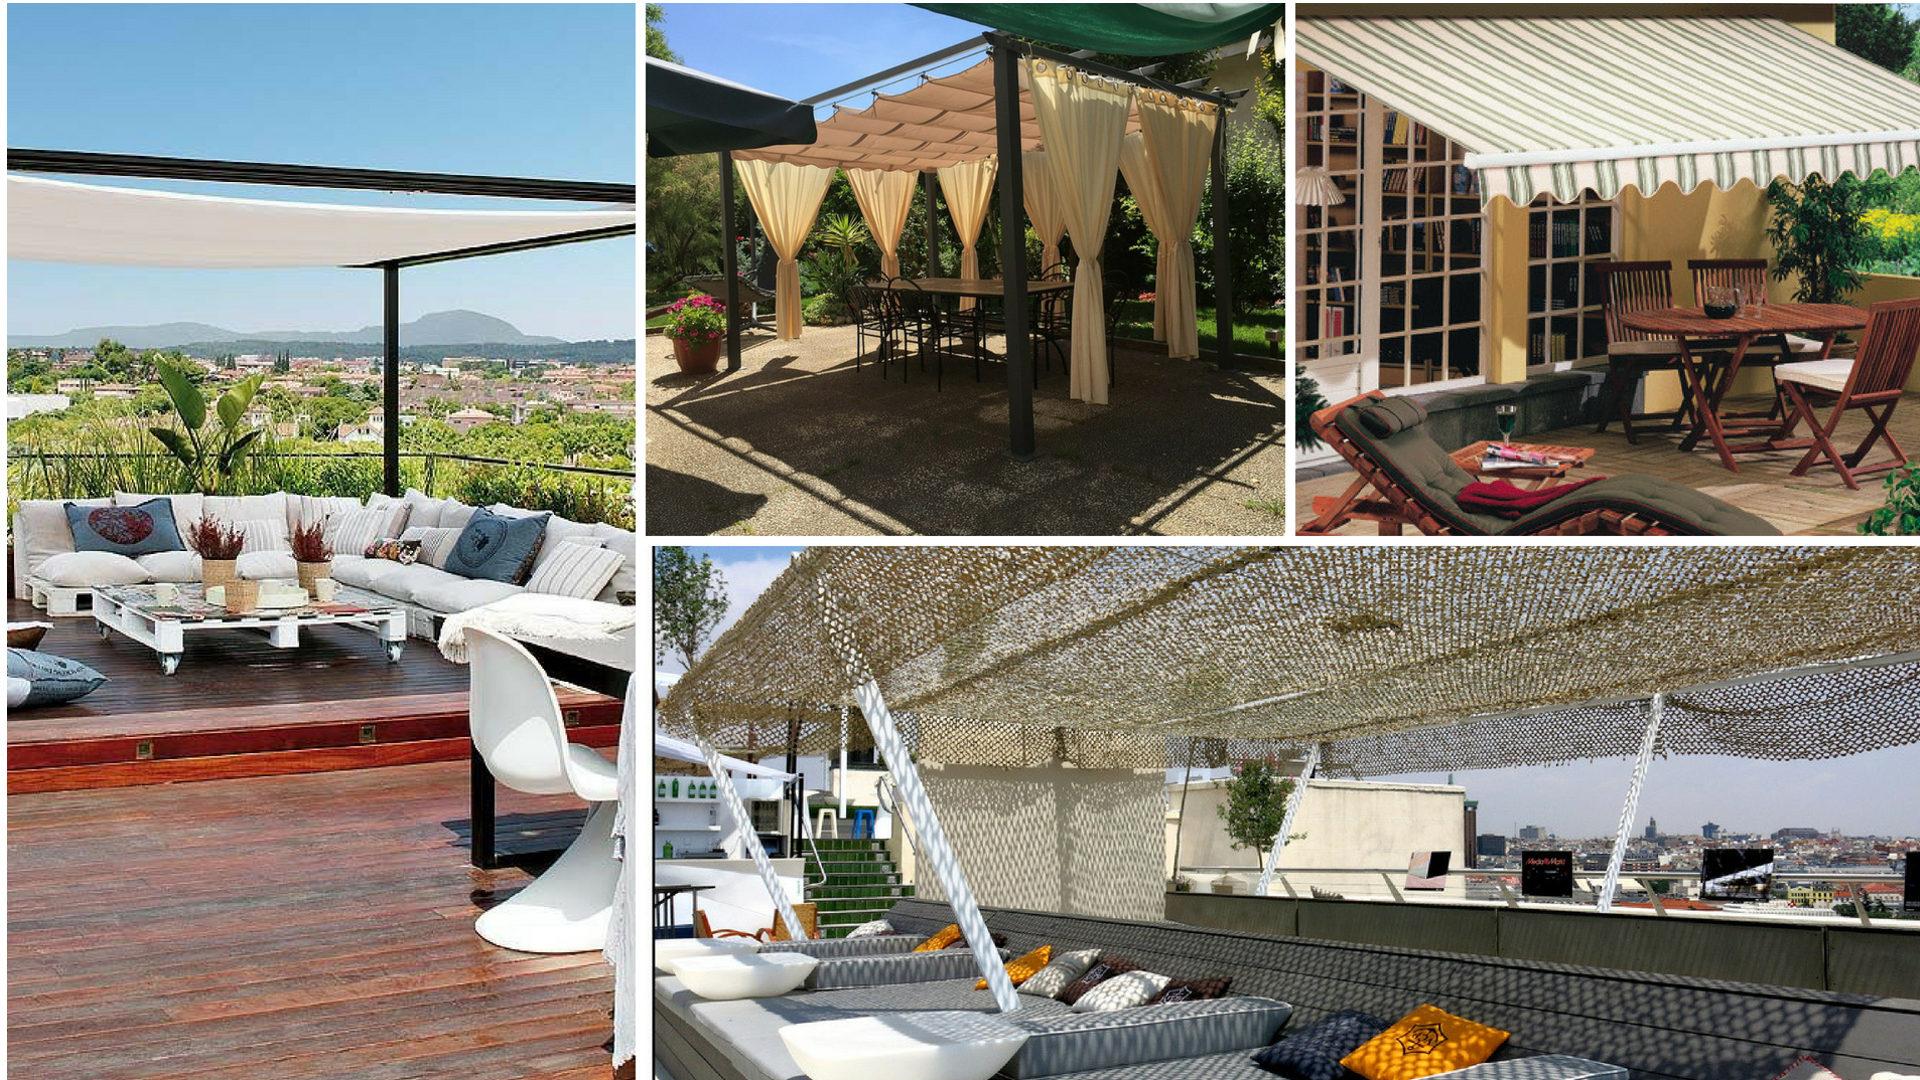 Un toldo es un elemento básico en jardines y terrazas21920